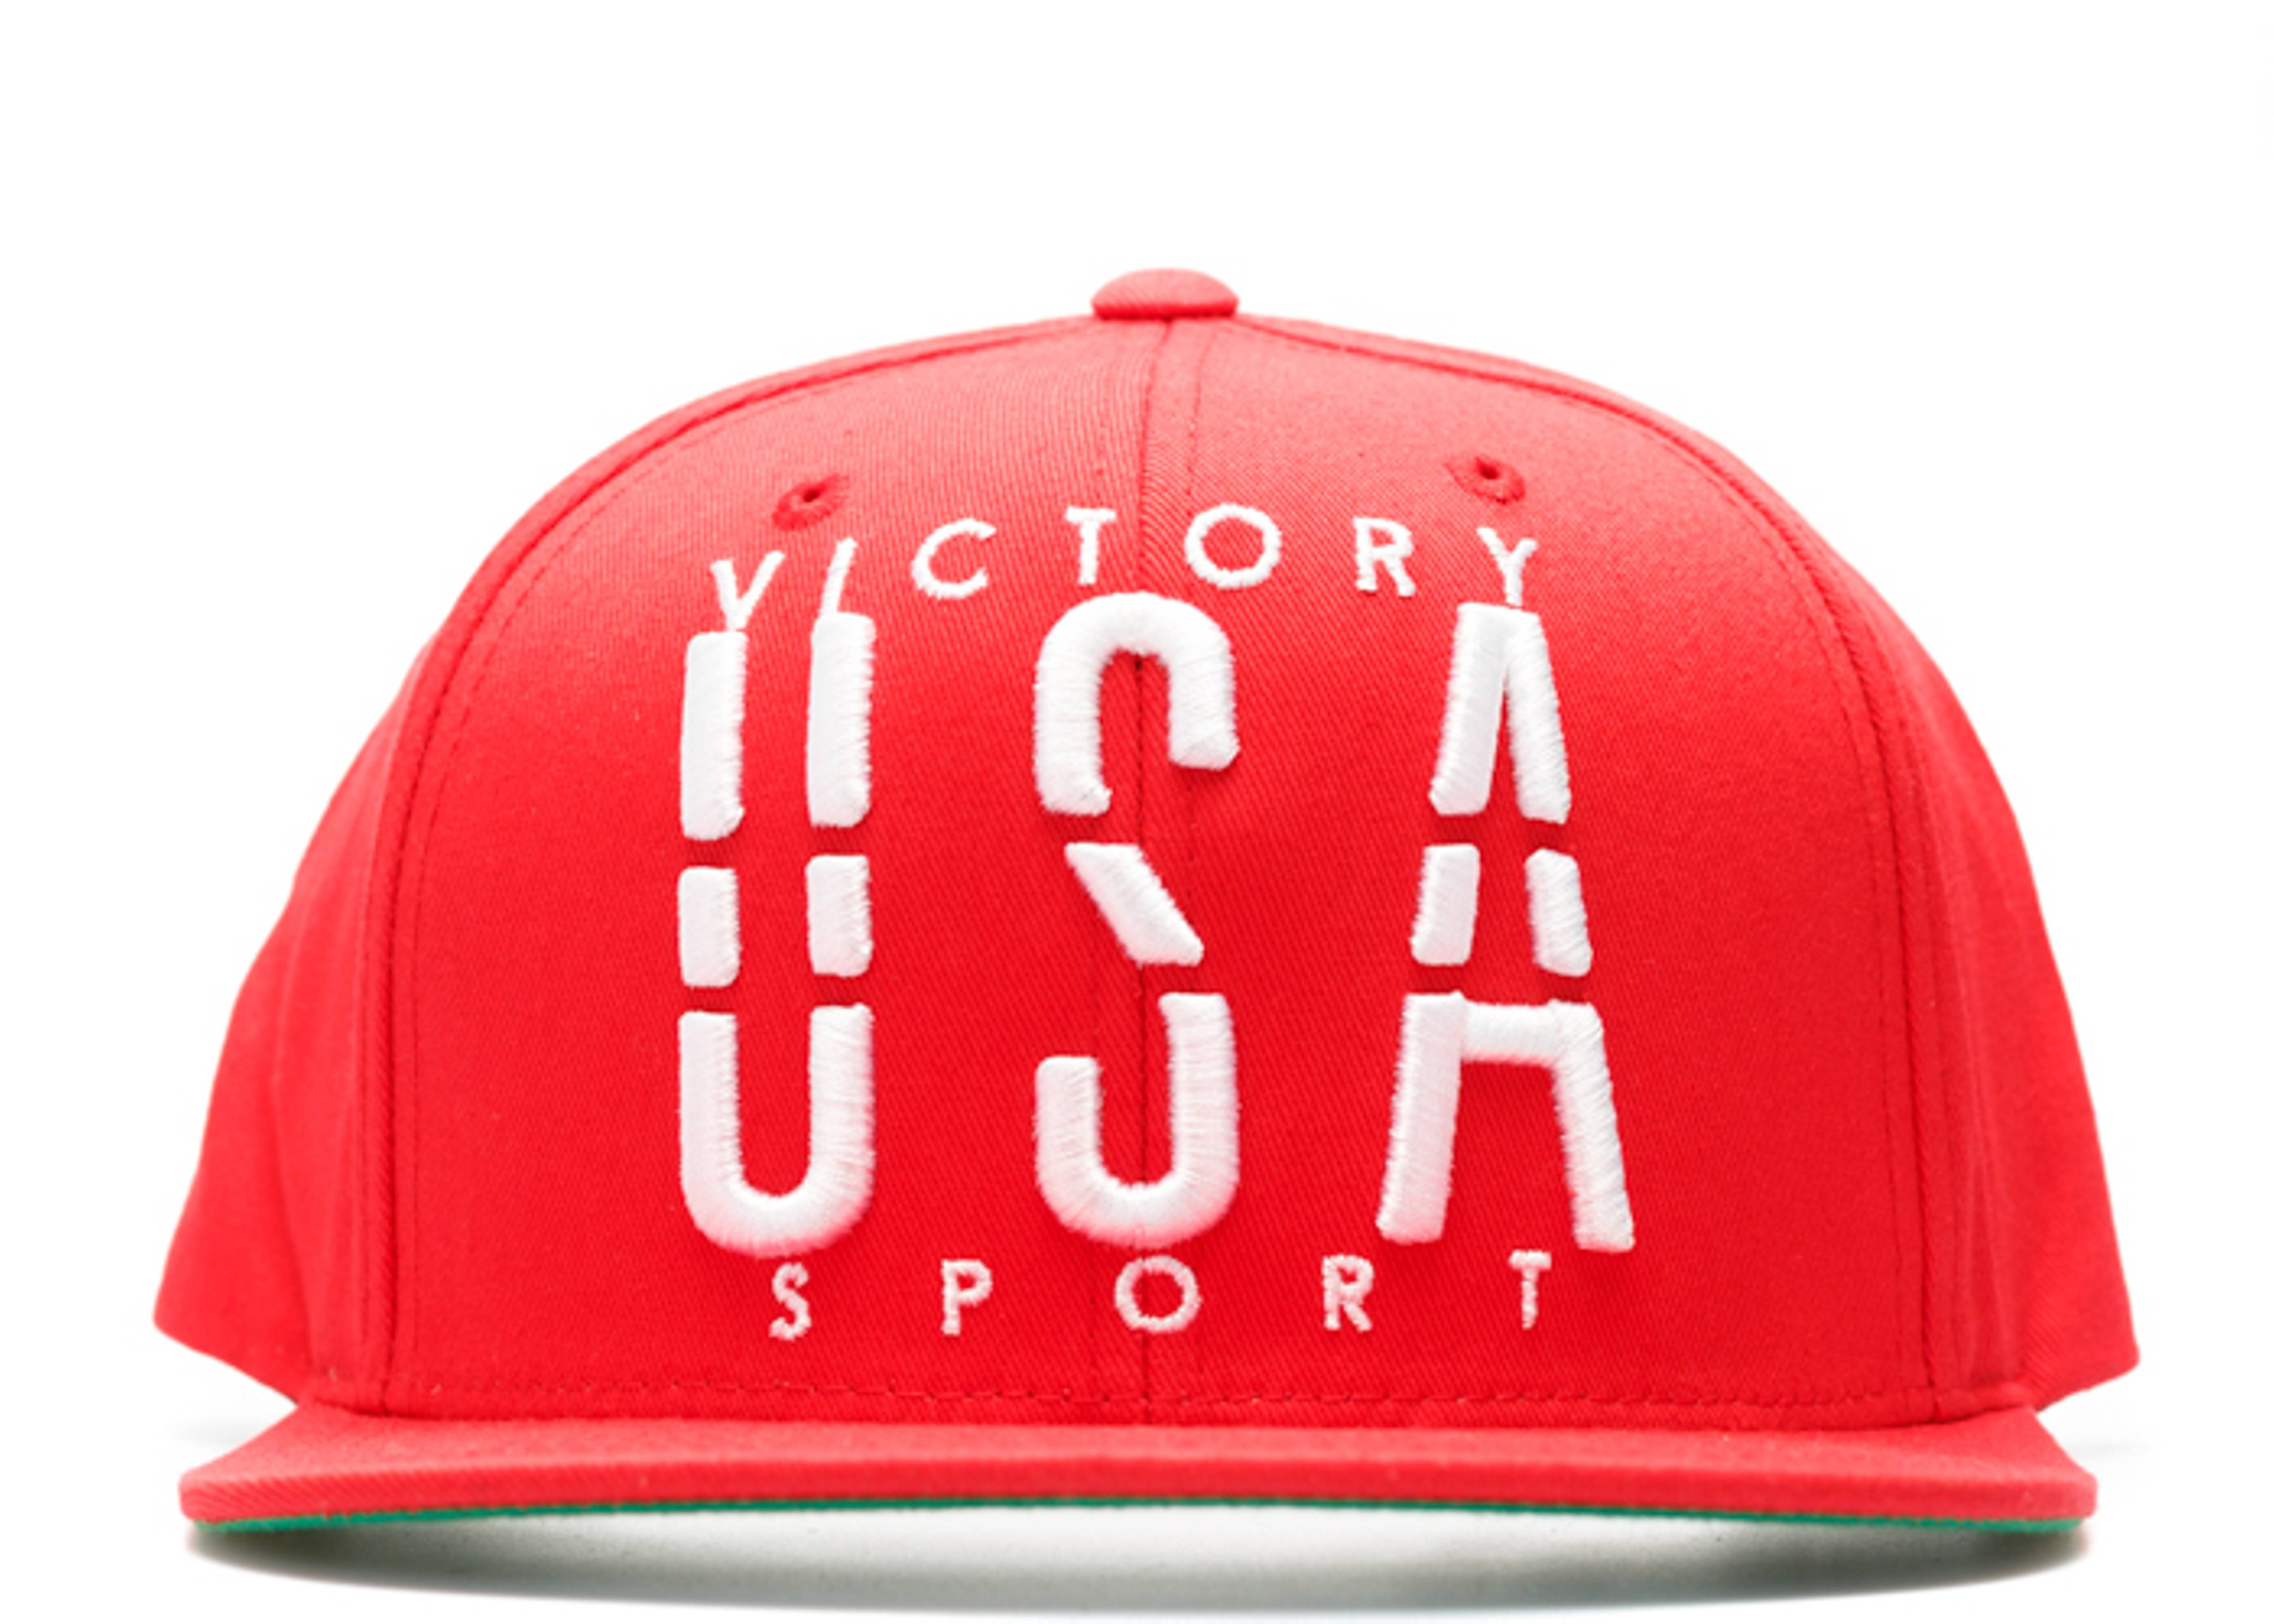 u.s.a victory sport snap-back